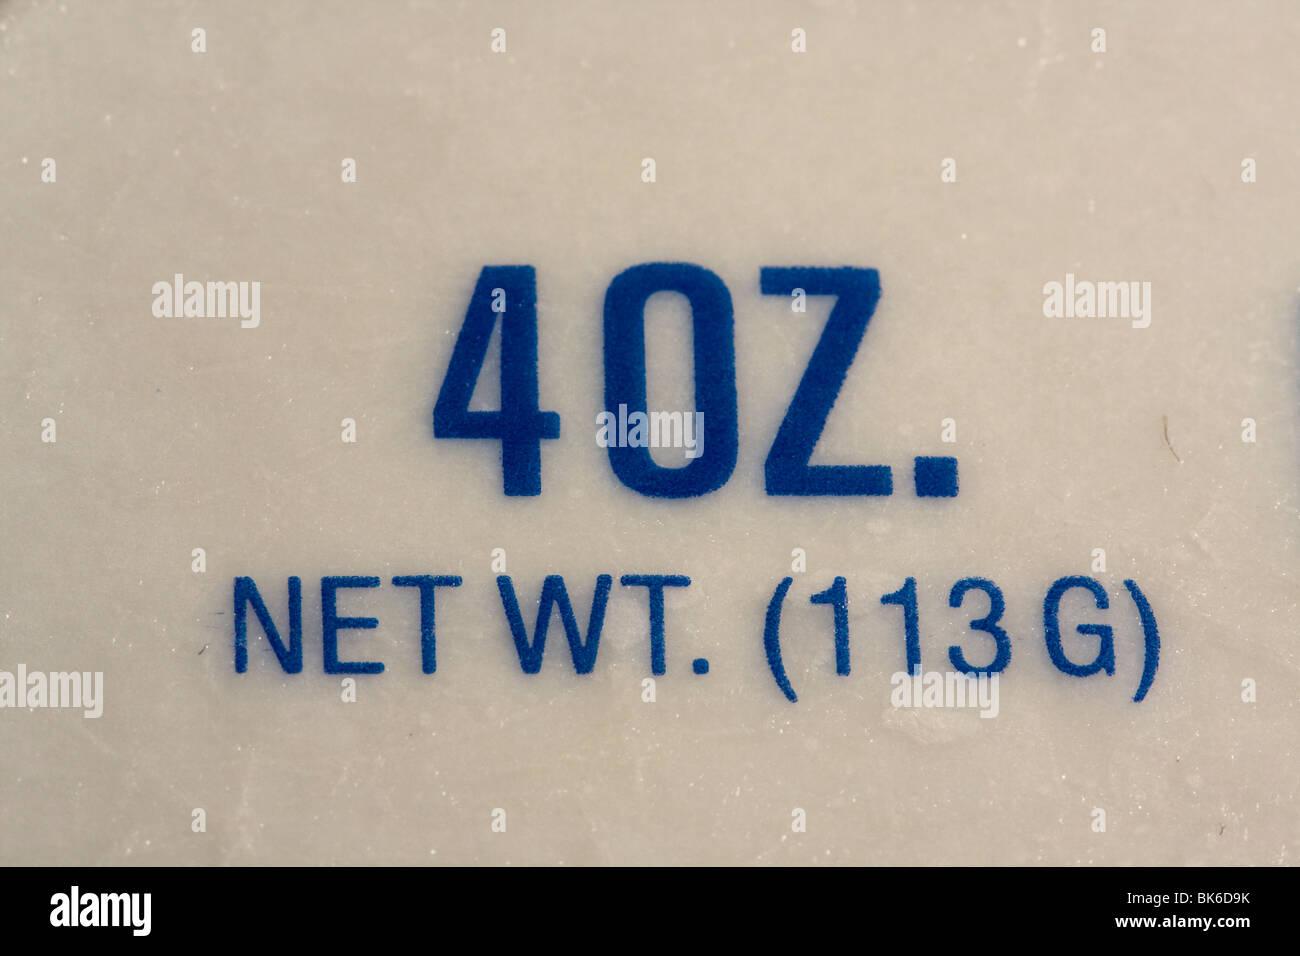 Close up 4 OZ. NET WT. (113 G) or a Quarter Pound. Stock Photo